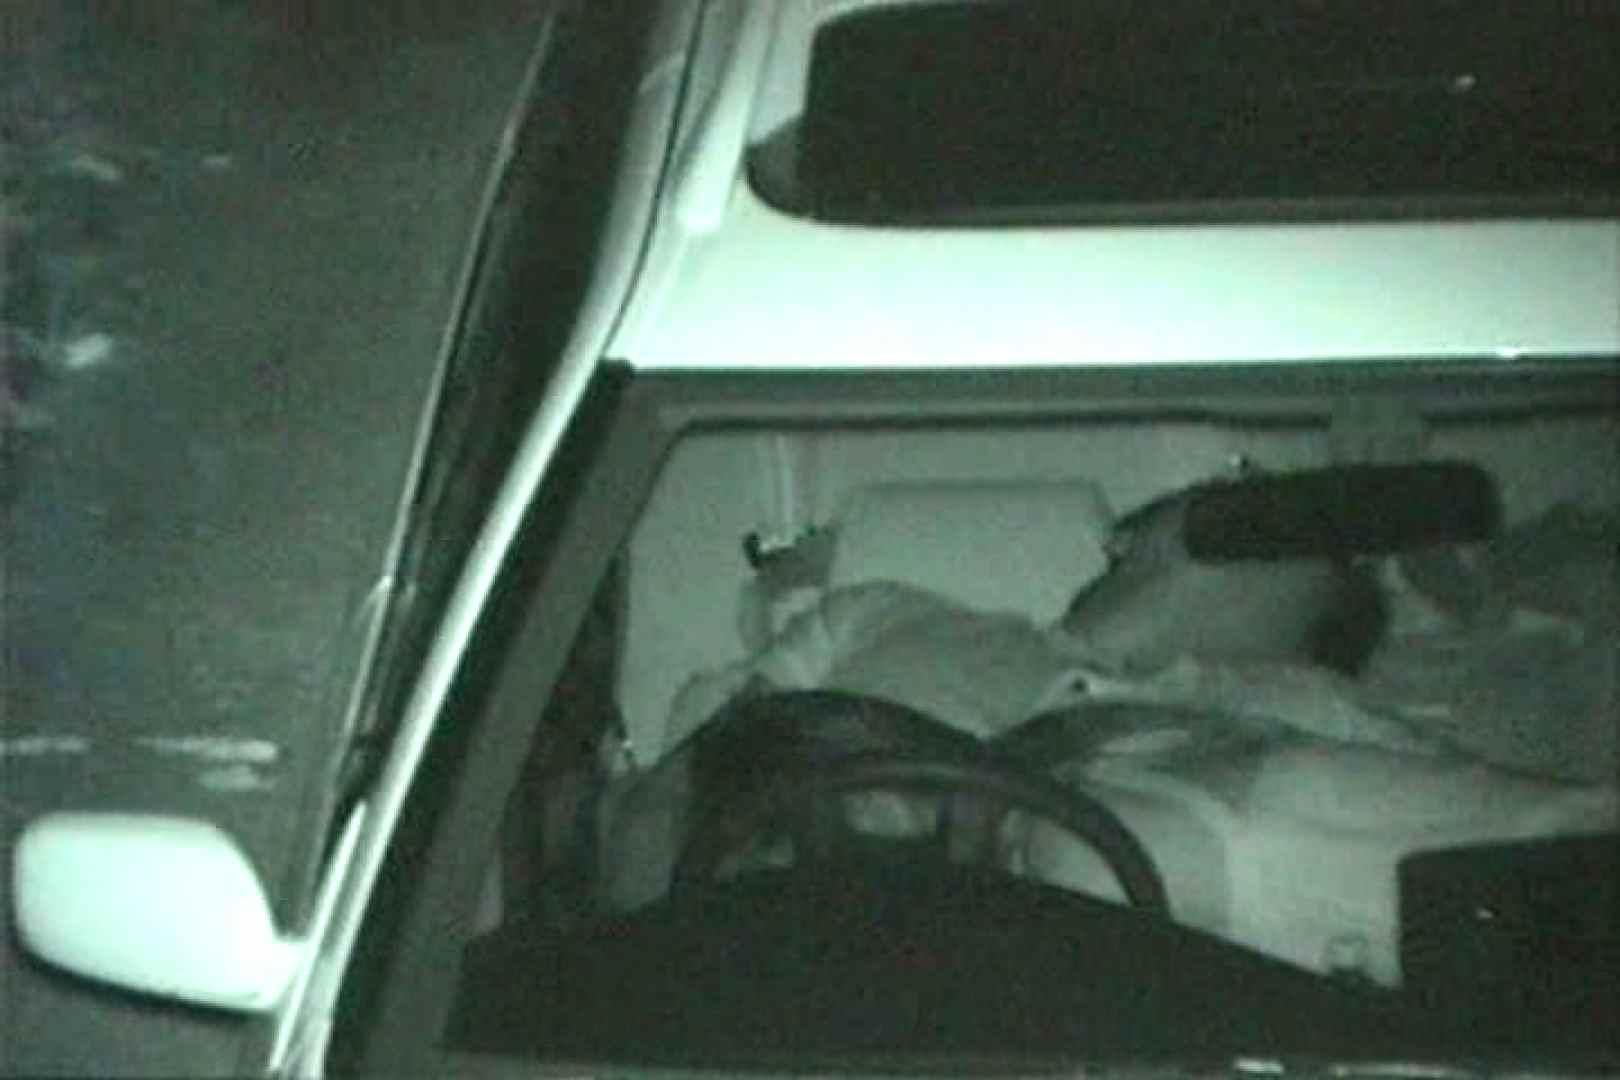 車の中はラブホテル 無修正版  Vol.24 車 スケベ動画紹介 56pic 24